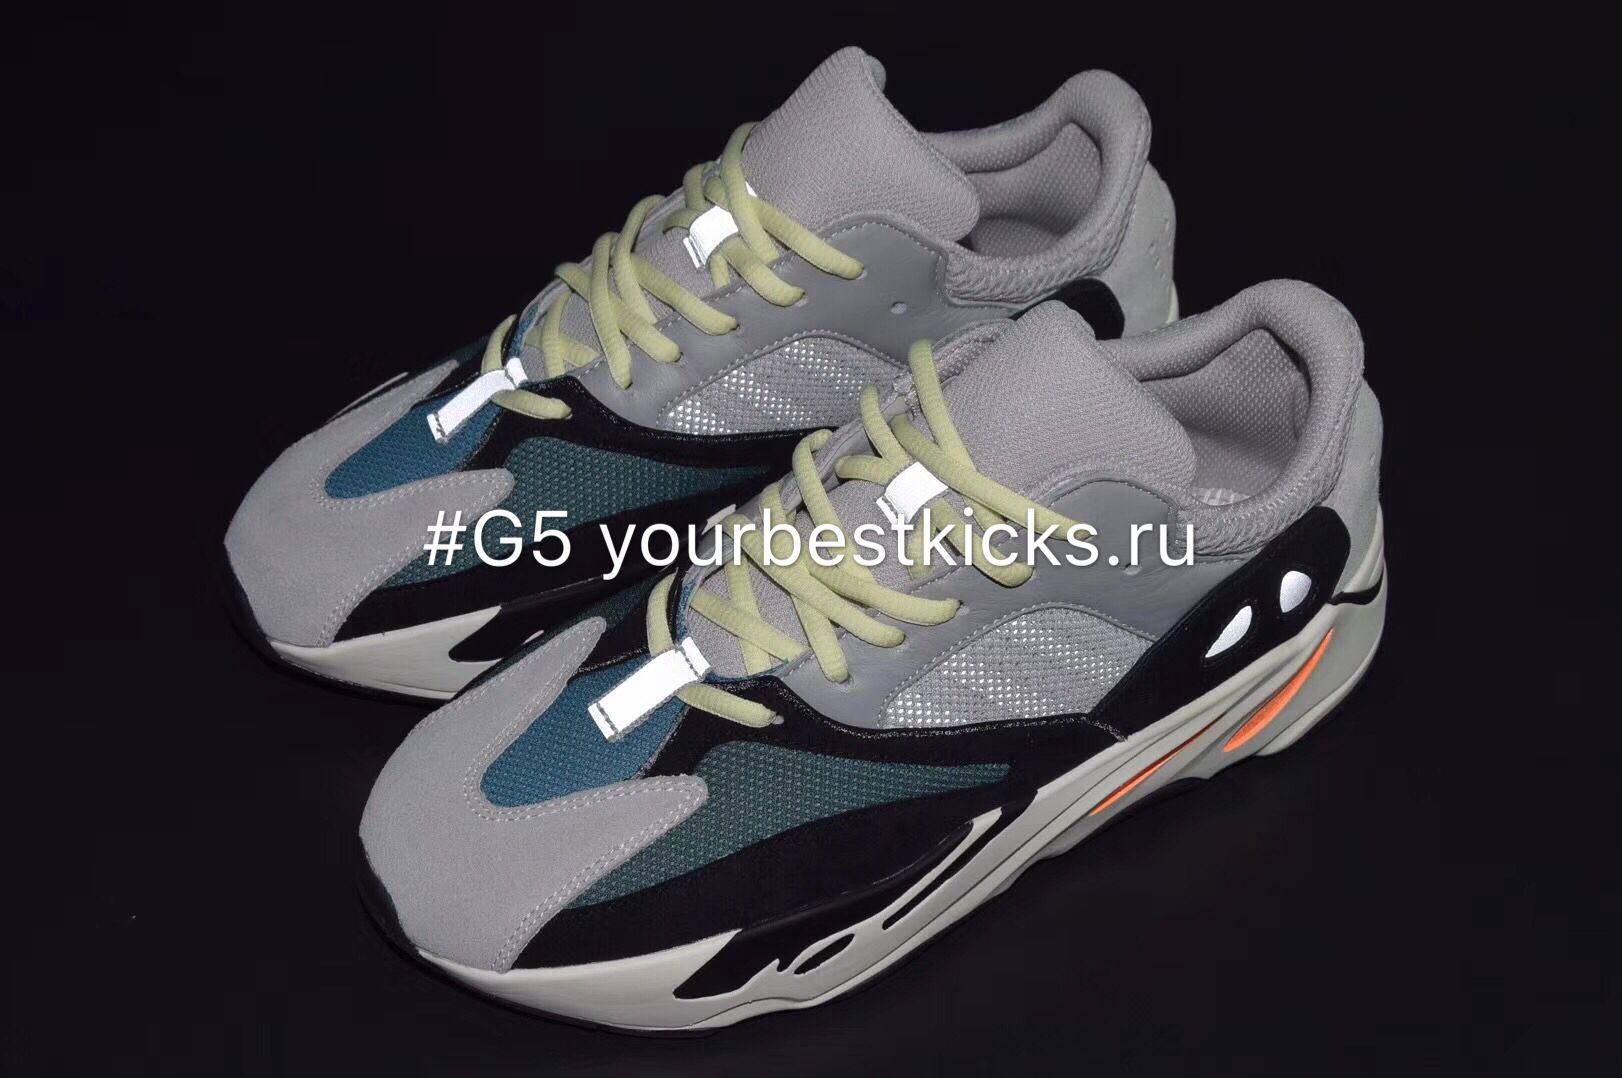 4de85d5e98e62 G5 Version yeezy 700 boost ready to ship from yourbestkicks.ru.  streetwear